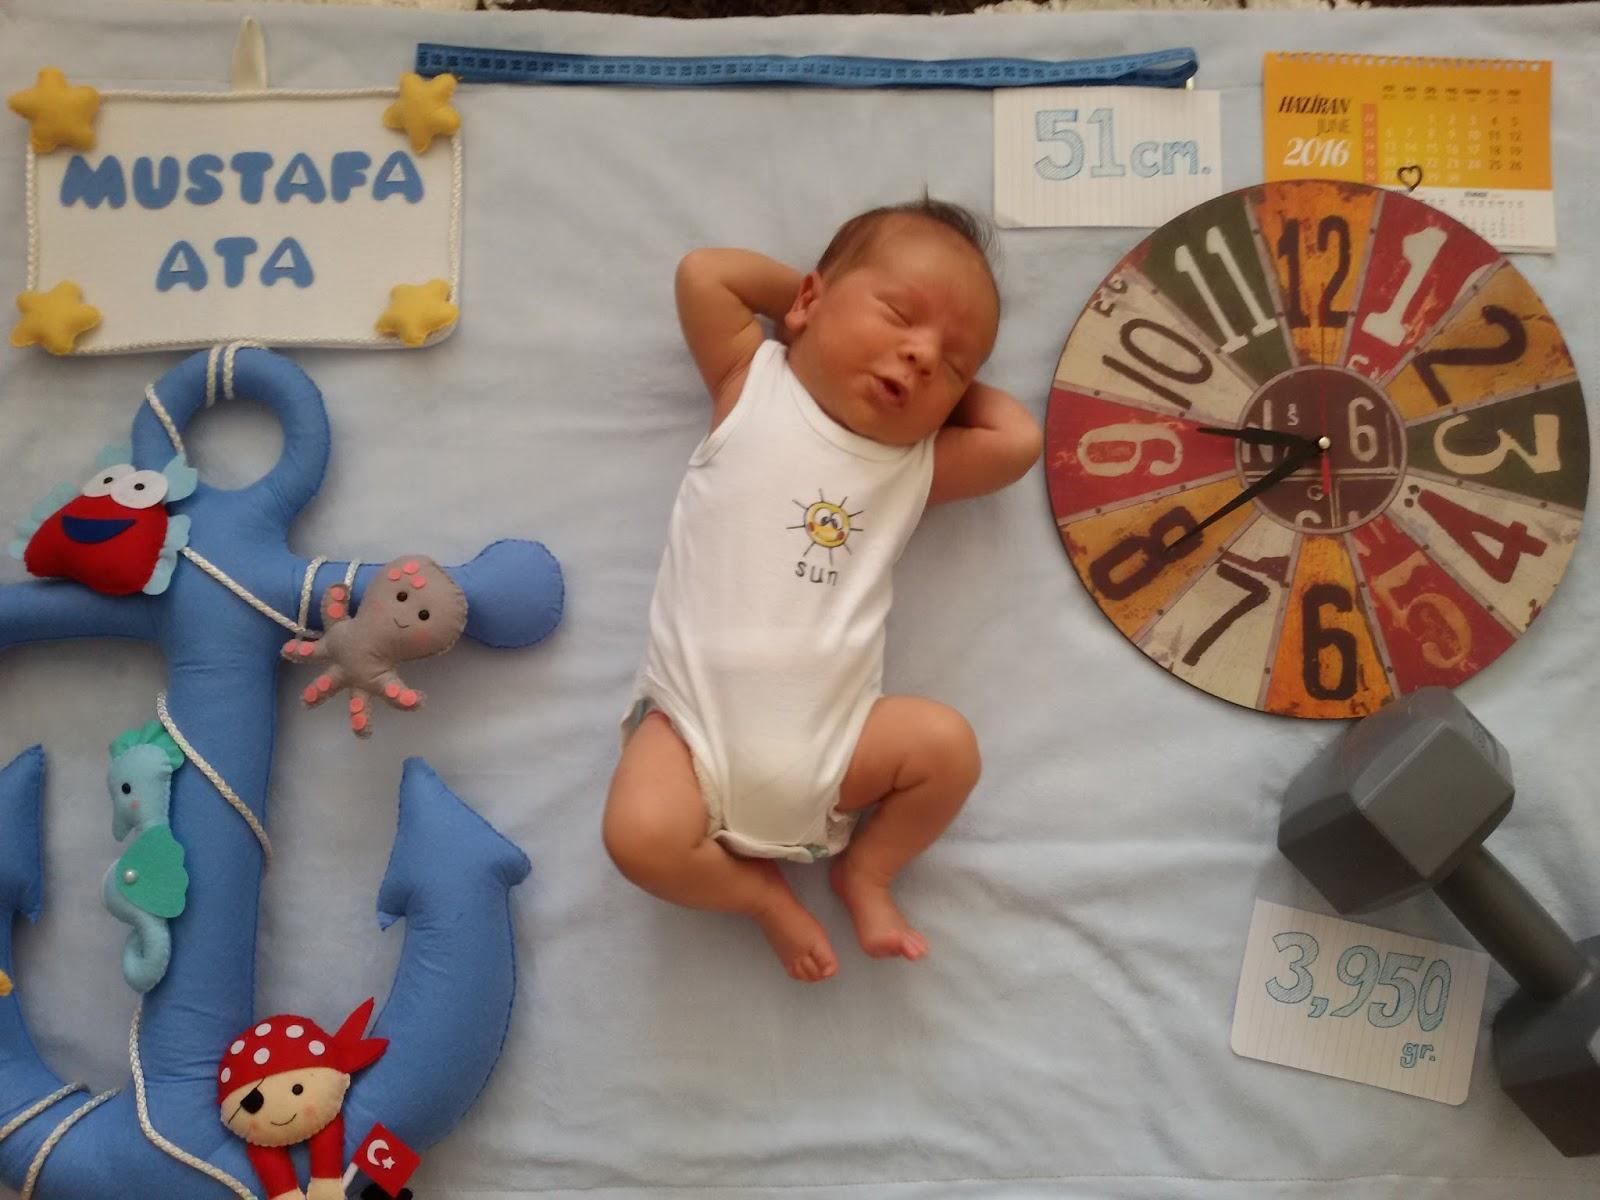 Bebeklerde Topuk Kanı Yüksek Çıkarsa Topuk Kanı Neden 2 Kez Alınır